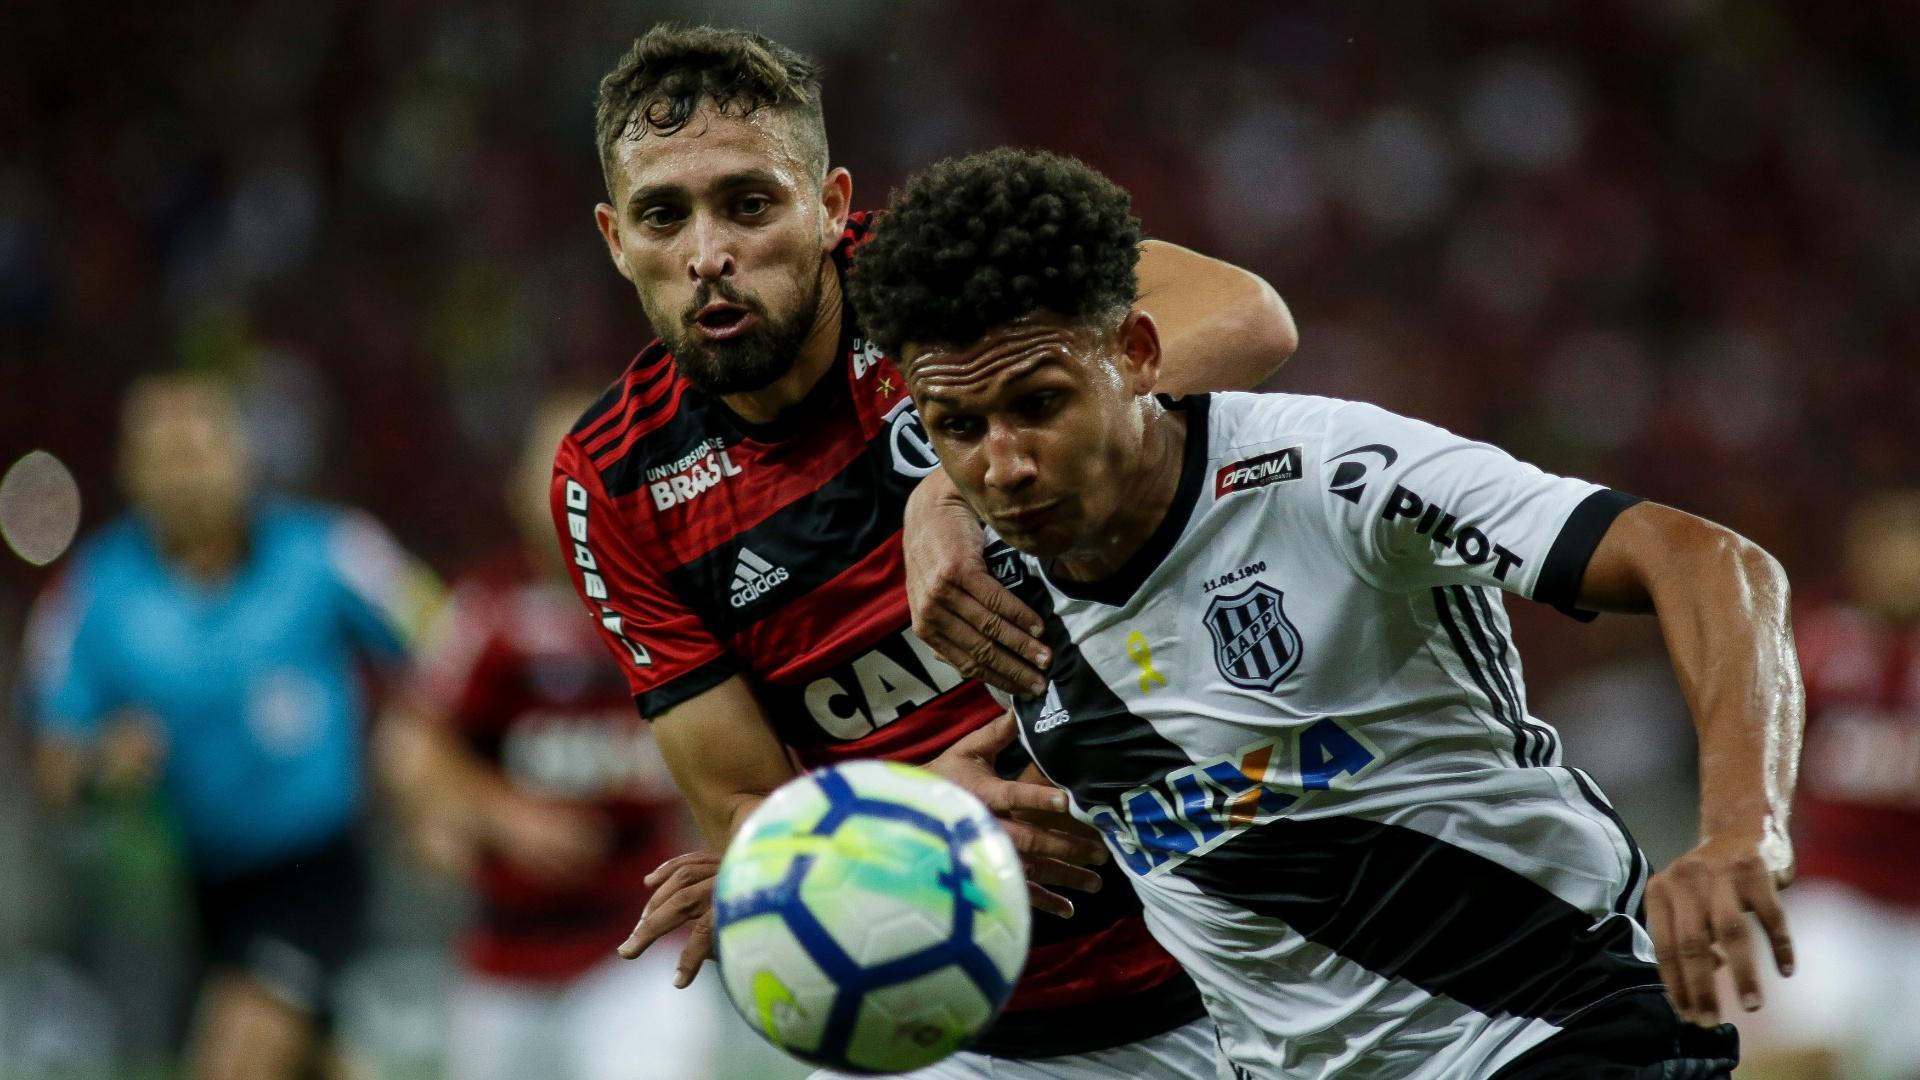 Leo Duarte e Lucas Mineiro disputam a bola no jogo entre Flamengo e Ponte Preta